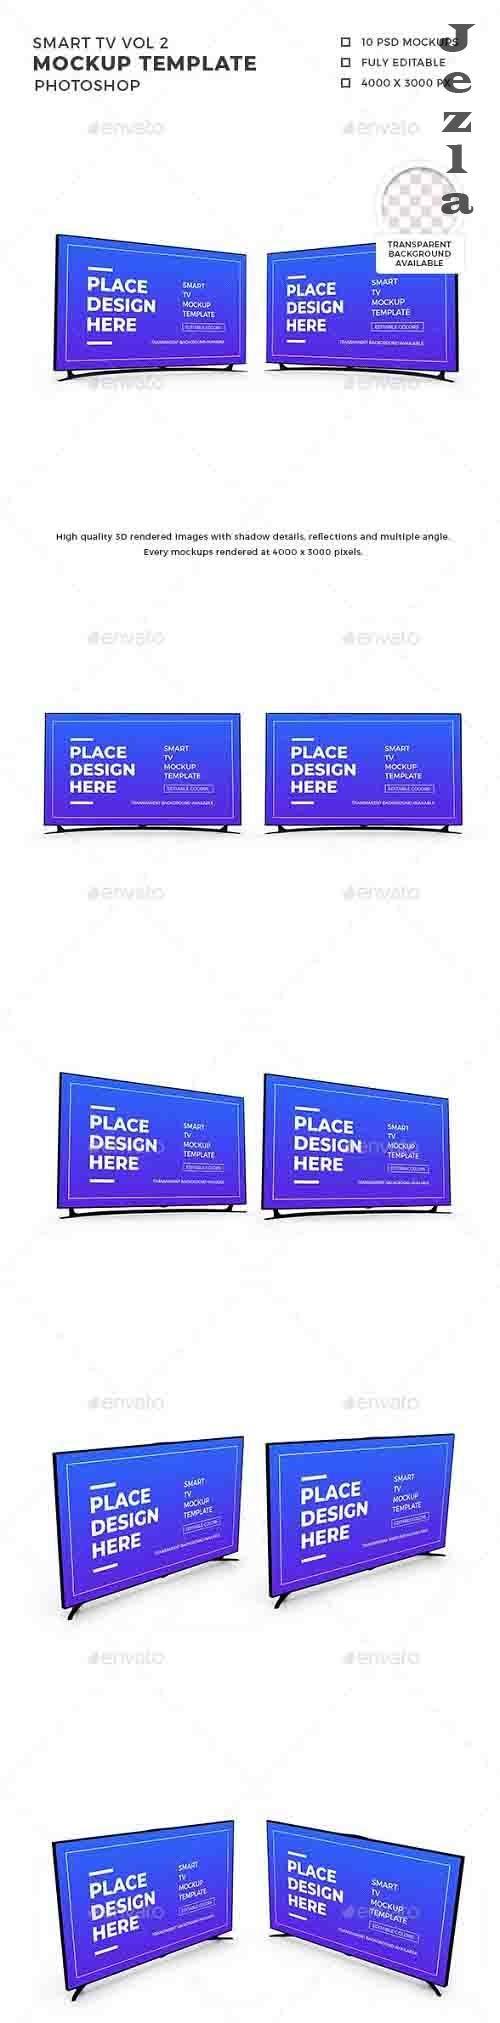 Smart TV 3D Mockup Template Vol 2 - 32579111